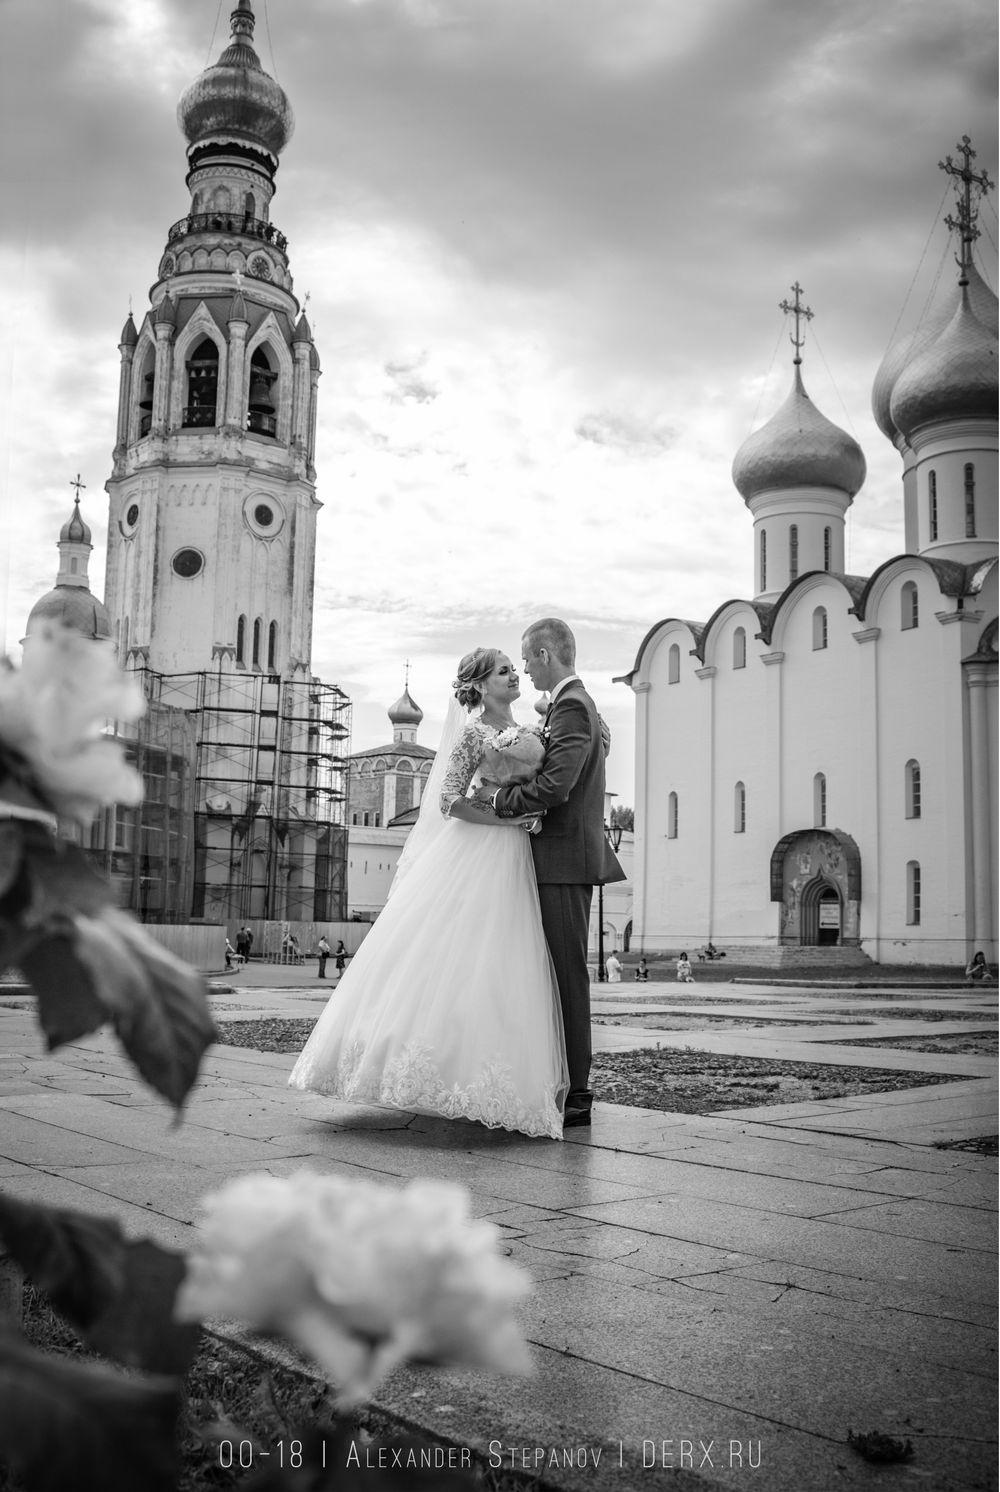 Alexander Stepanov photo